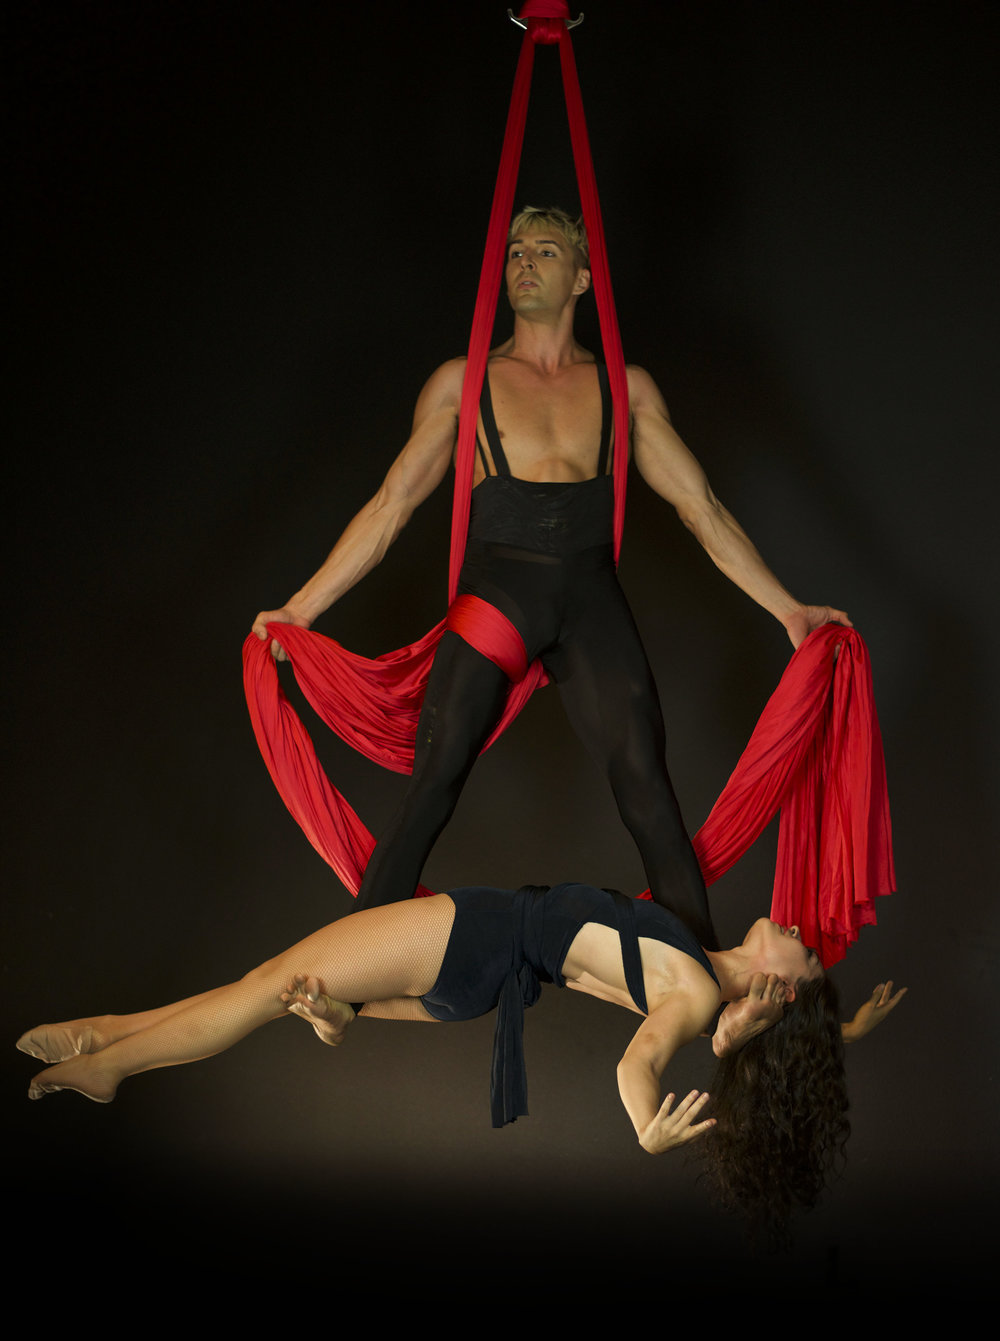 Wrara & Nic aerial silks duo pose